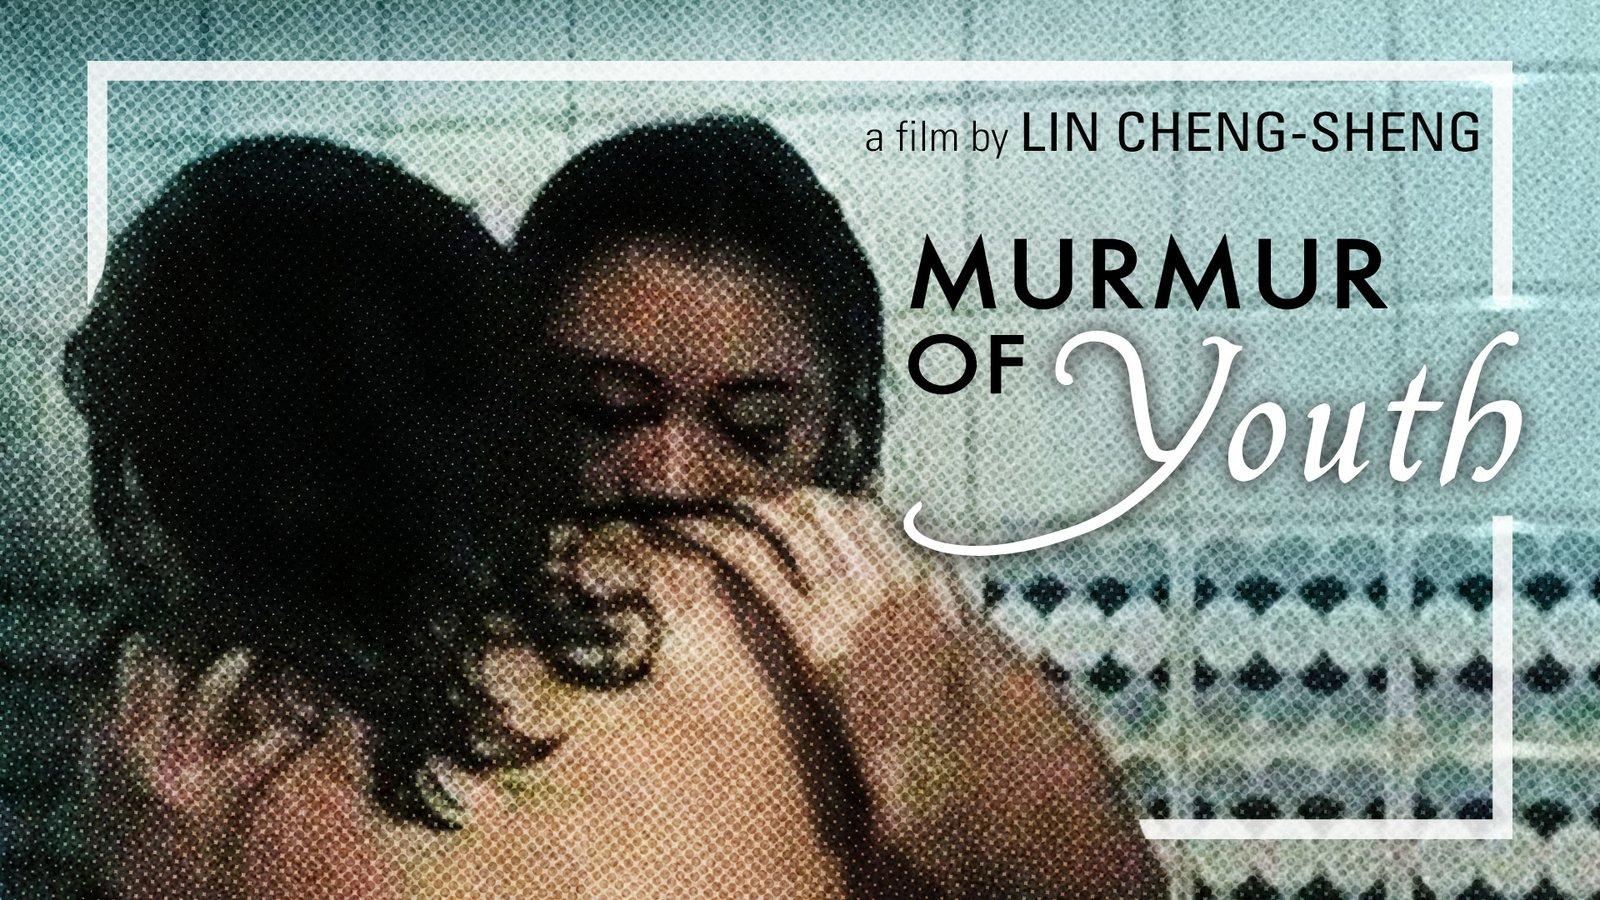 Murmur of Youth - Mei li zai chang ge